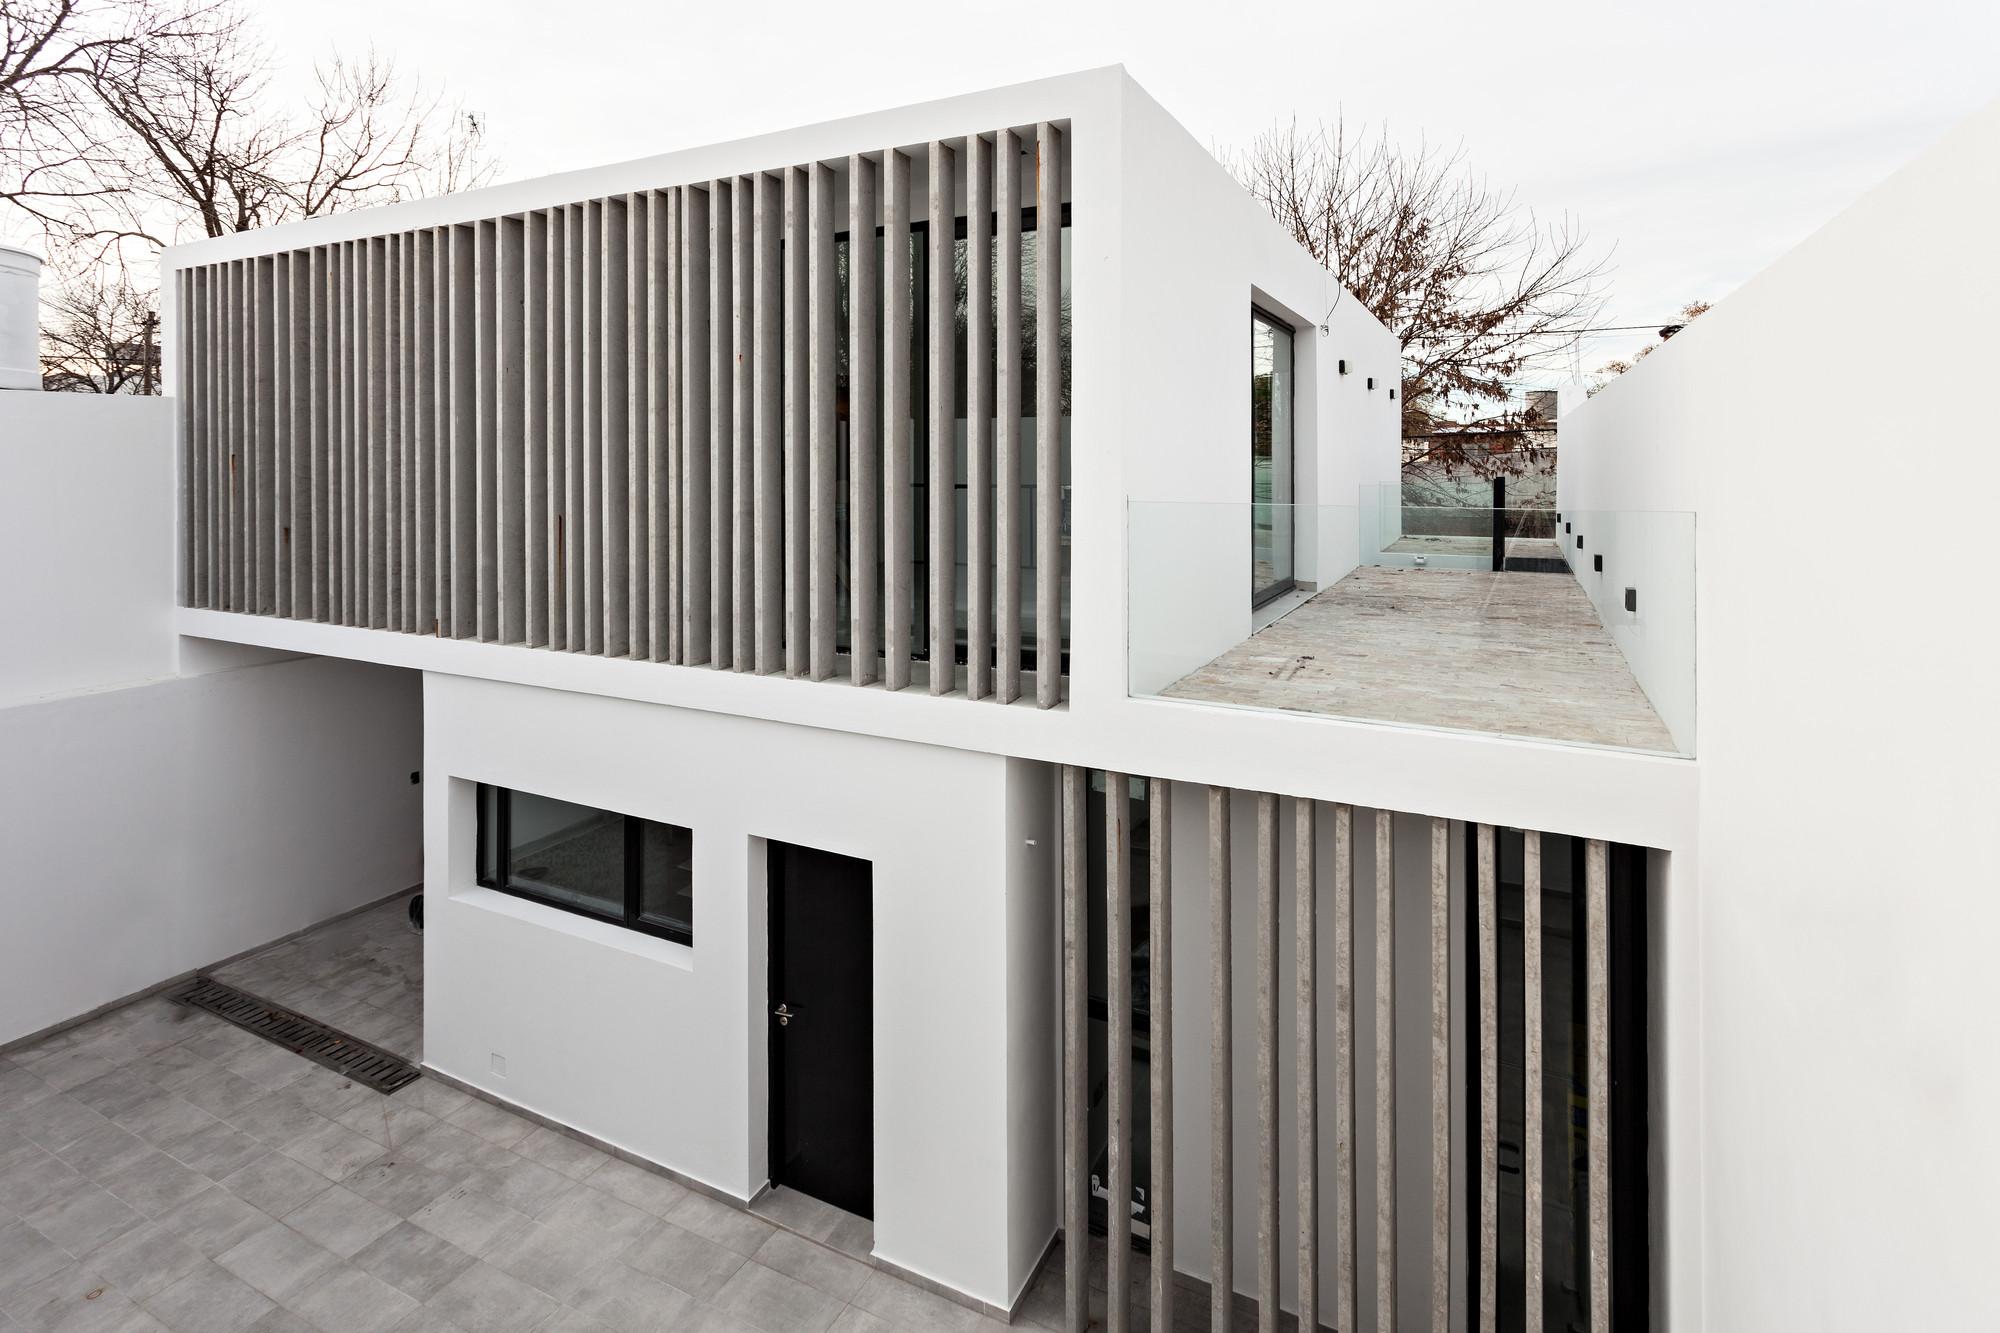 Casa bazan smf arquitectos plataforma arquitectura for Fachadas de casas modernas entre medianeras